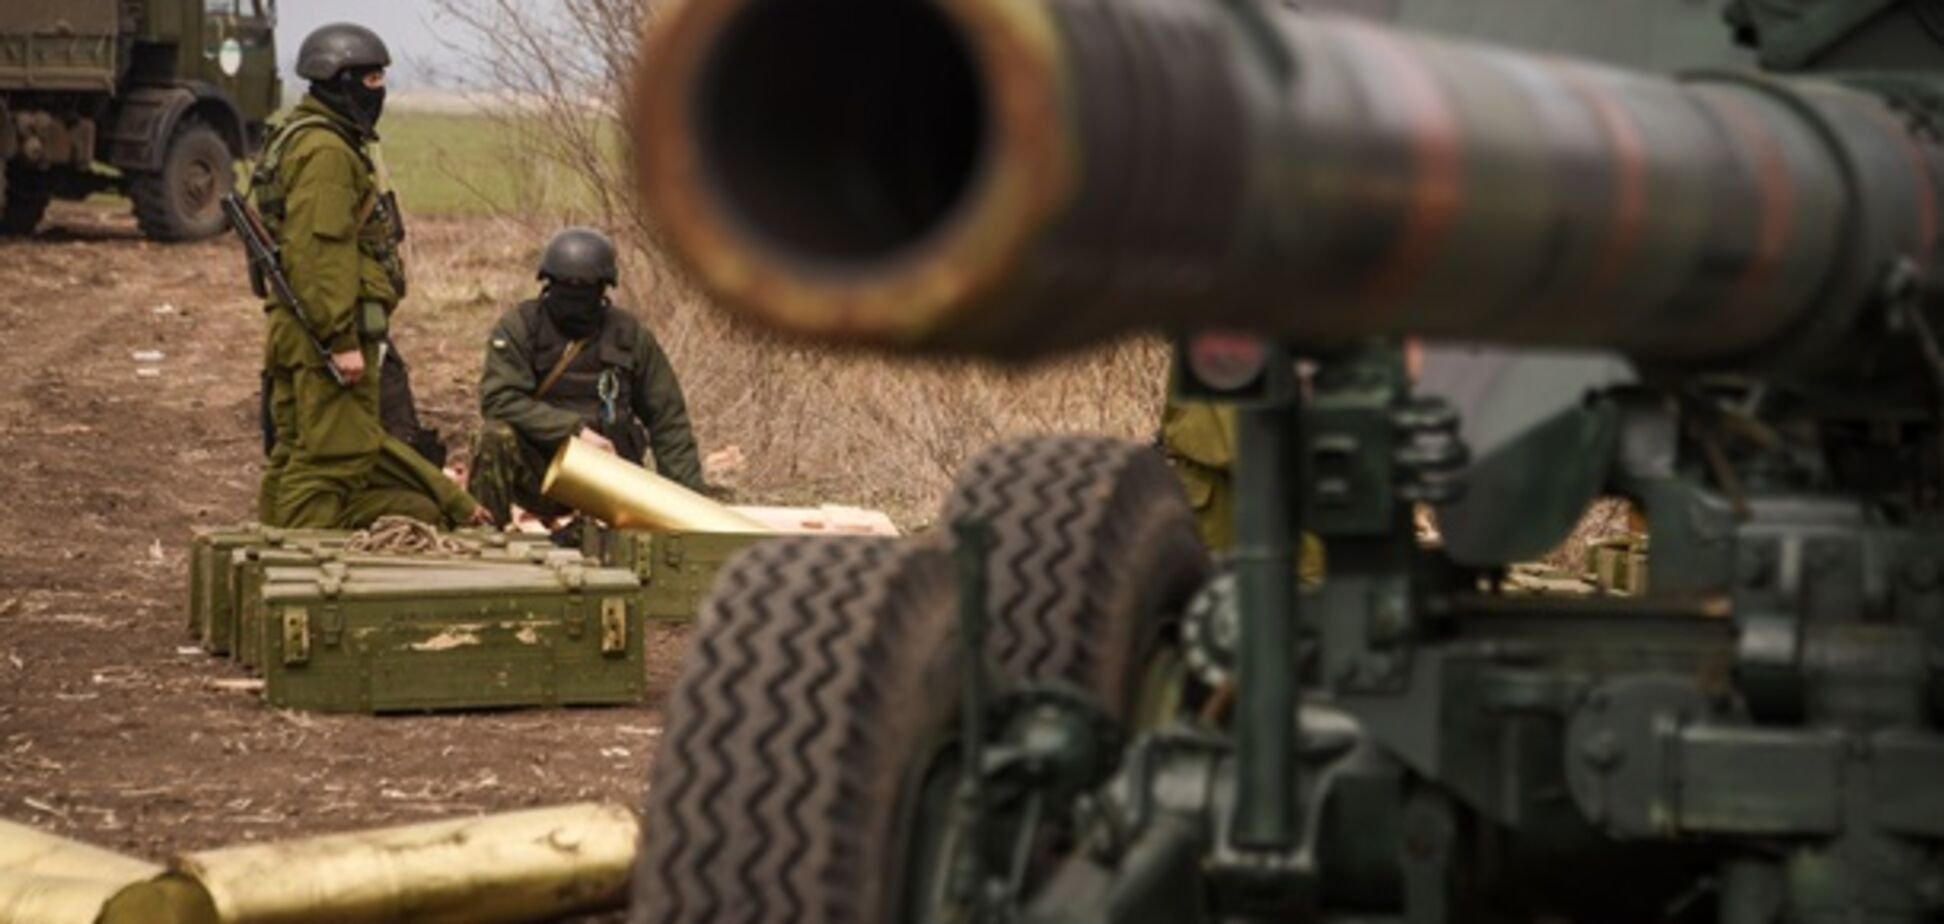 Вистояли! ЗСУ повідомили хороші новини з Донбасу